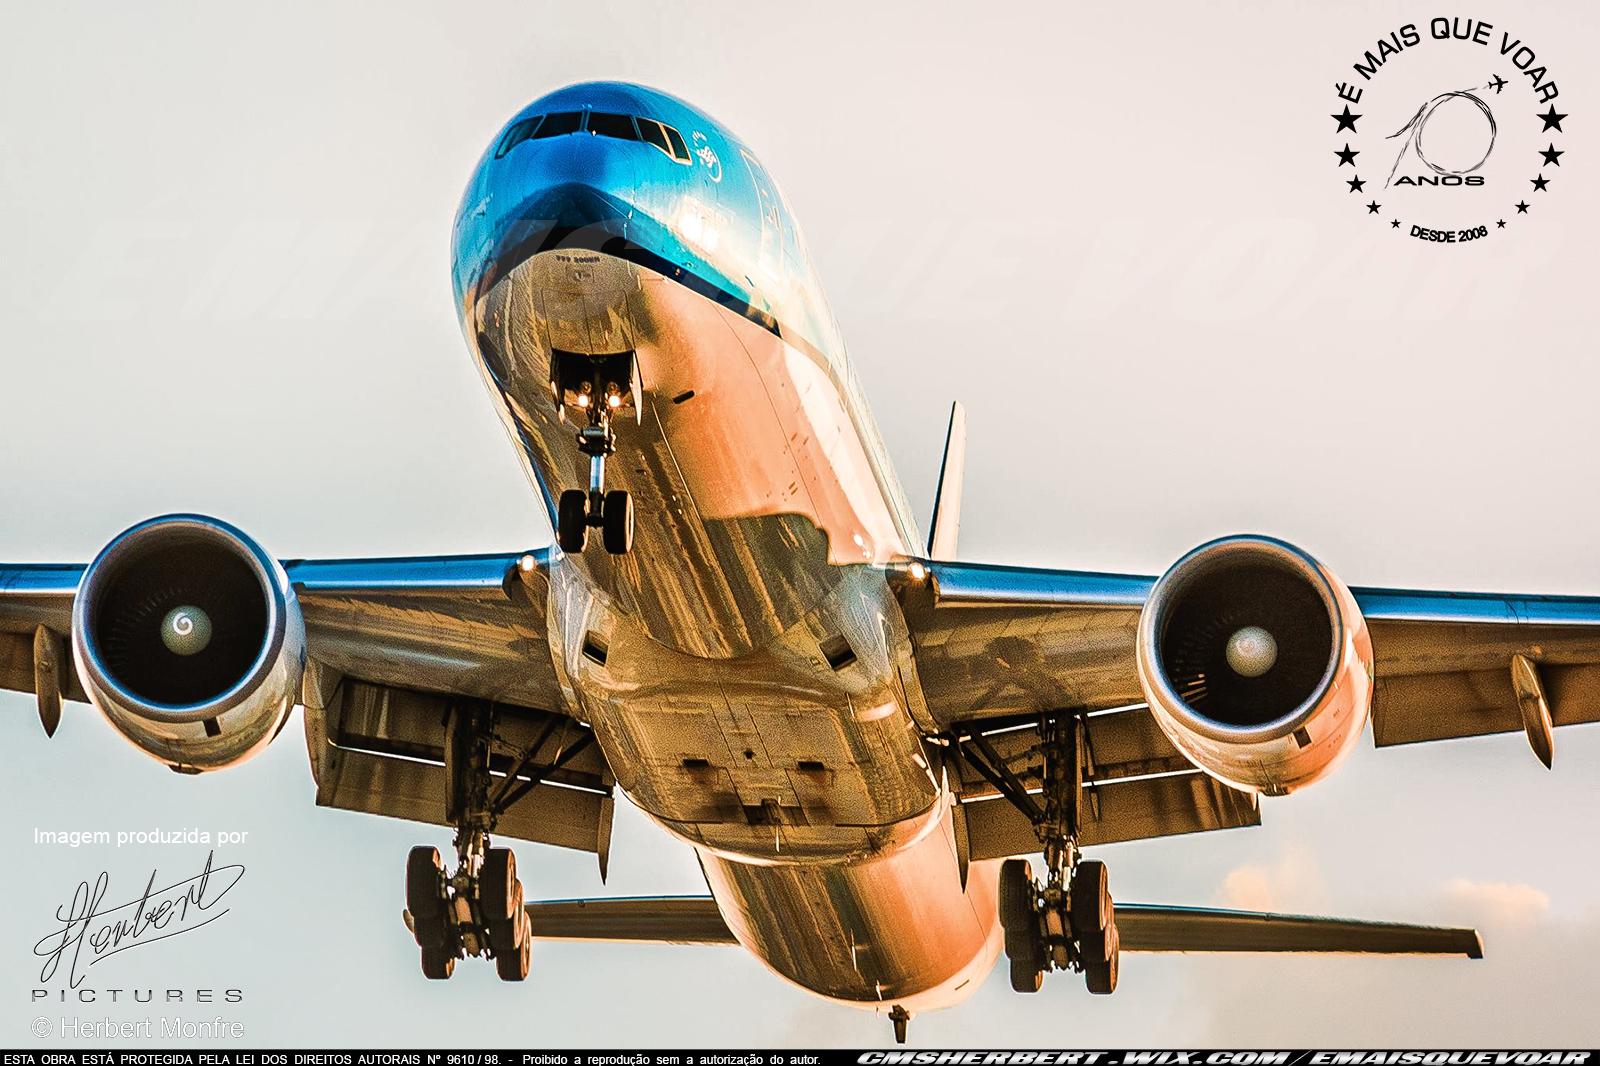 Air France e KLM garantem financiamento de €3,4 bilhões para enfrentar a crise da pandemia   Foto © Herbert Monfre - Fotógrafo de avião - Eventos - Publicidade - Ensaios - Contrate o fotógrafo pelo e-mail cmsherbert@hotmail.com   Imagem produzida por Herbert Pictures - É MAIS QUE VOAR